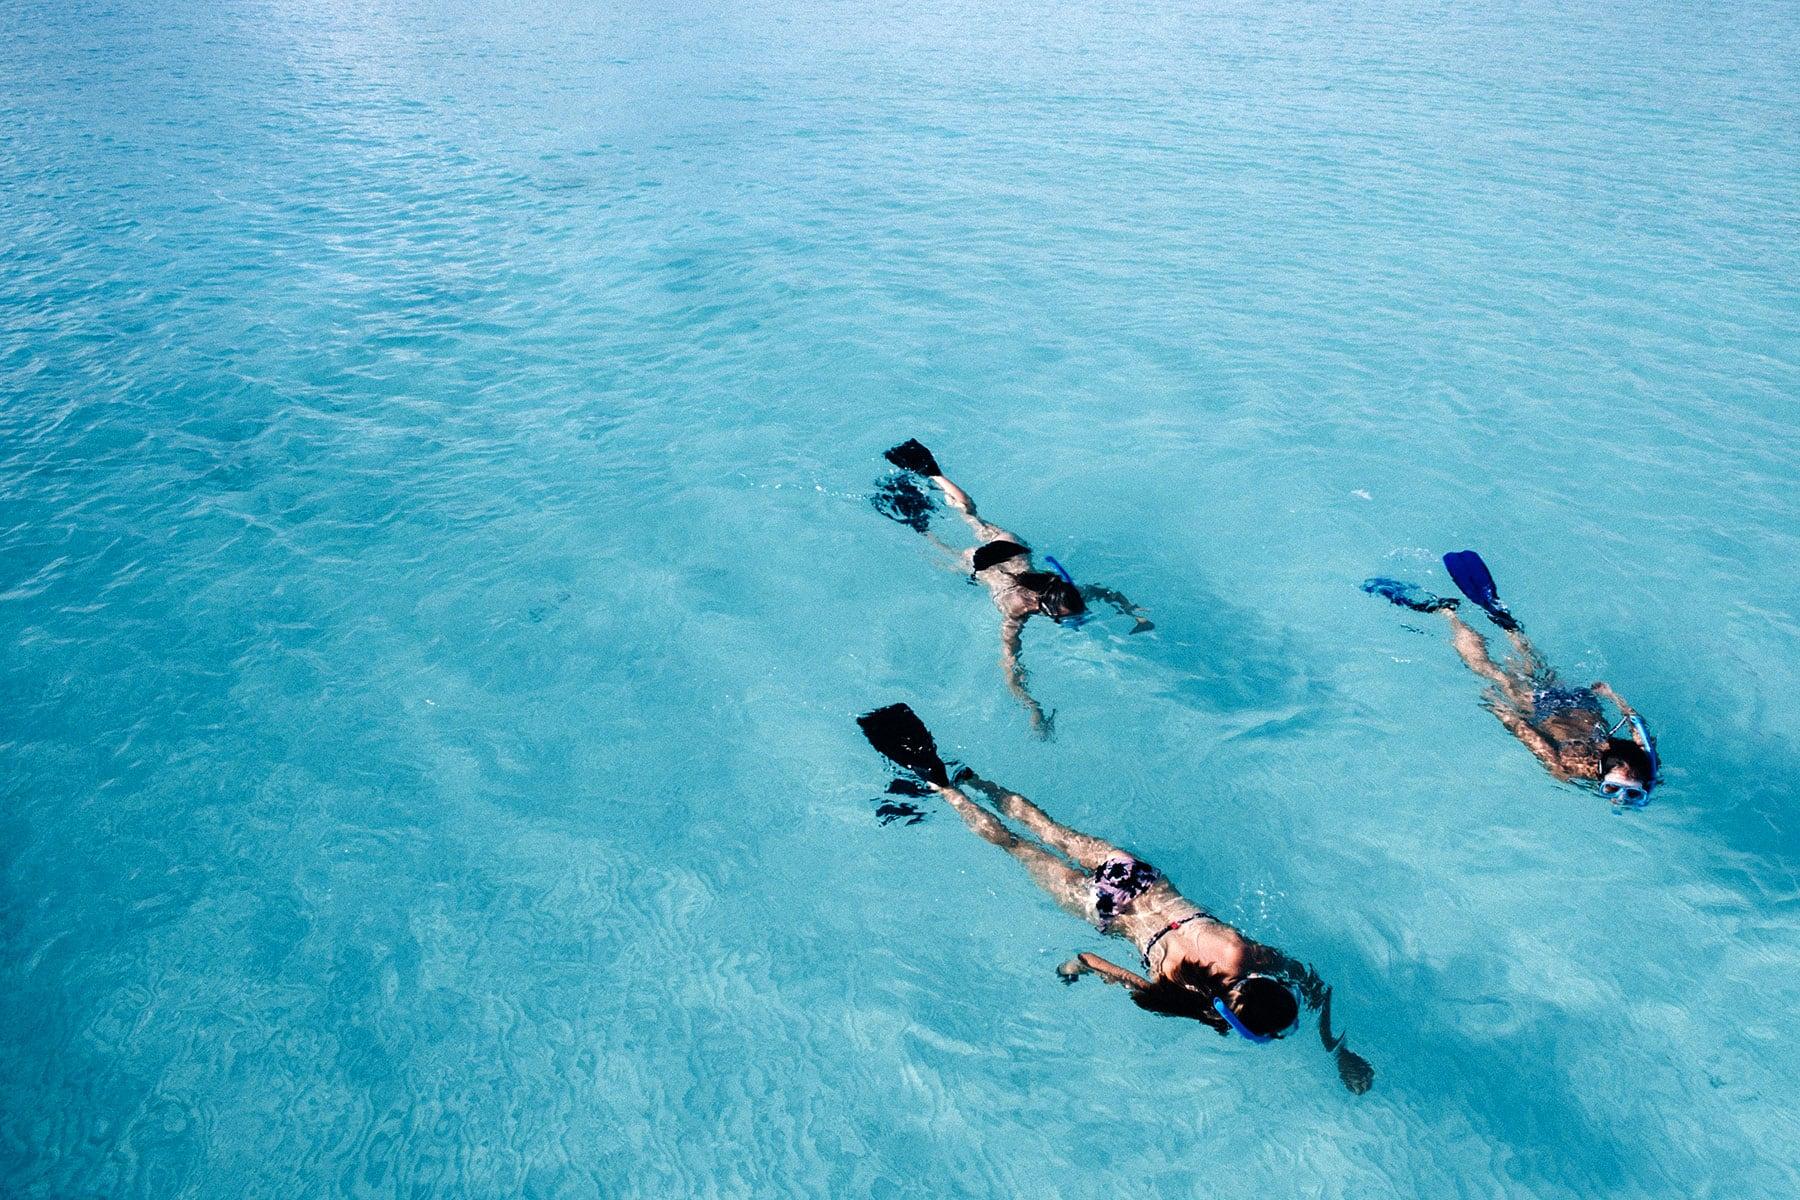 Resor-till-Maldiverna-med-Nygren-&-Lind-resebyrå---snorklare